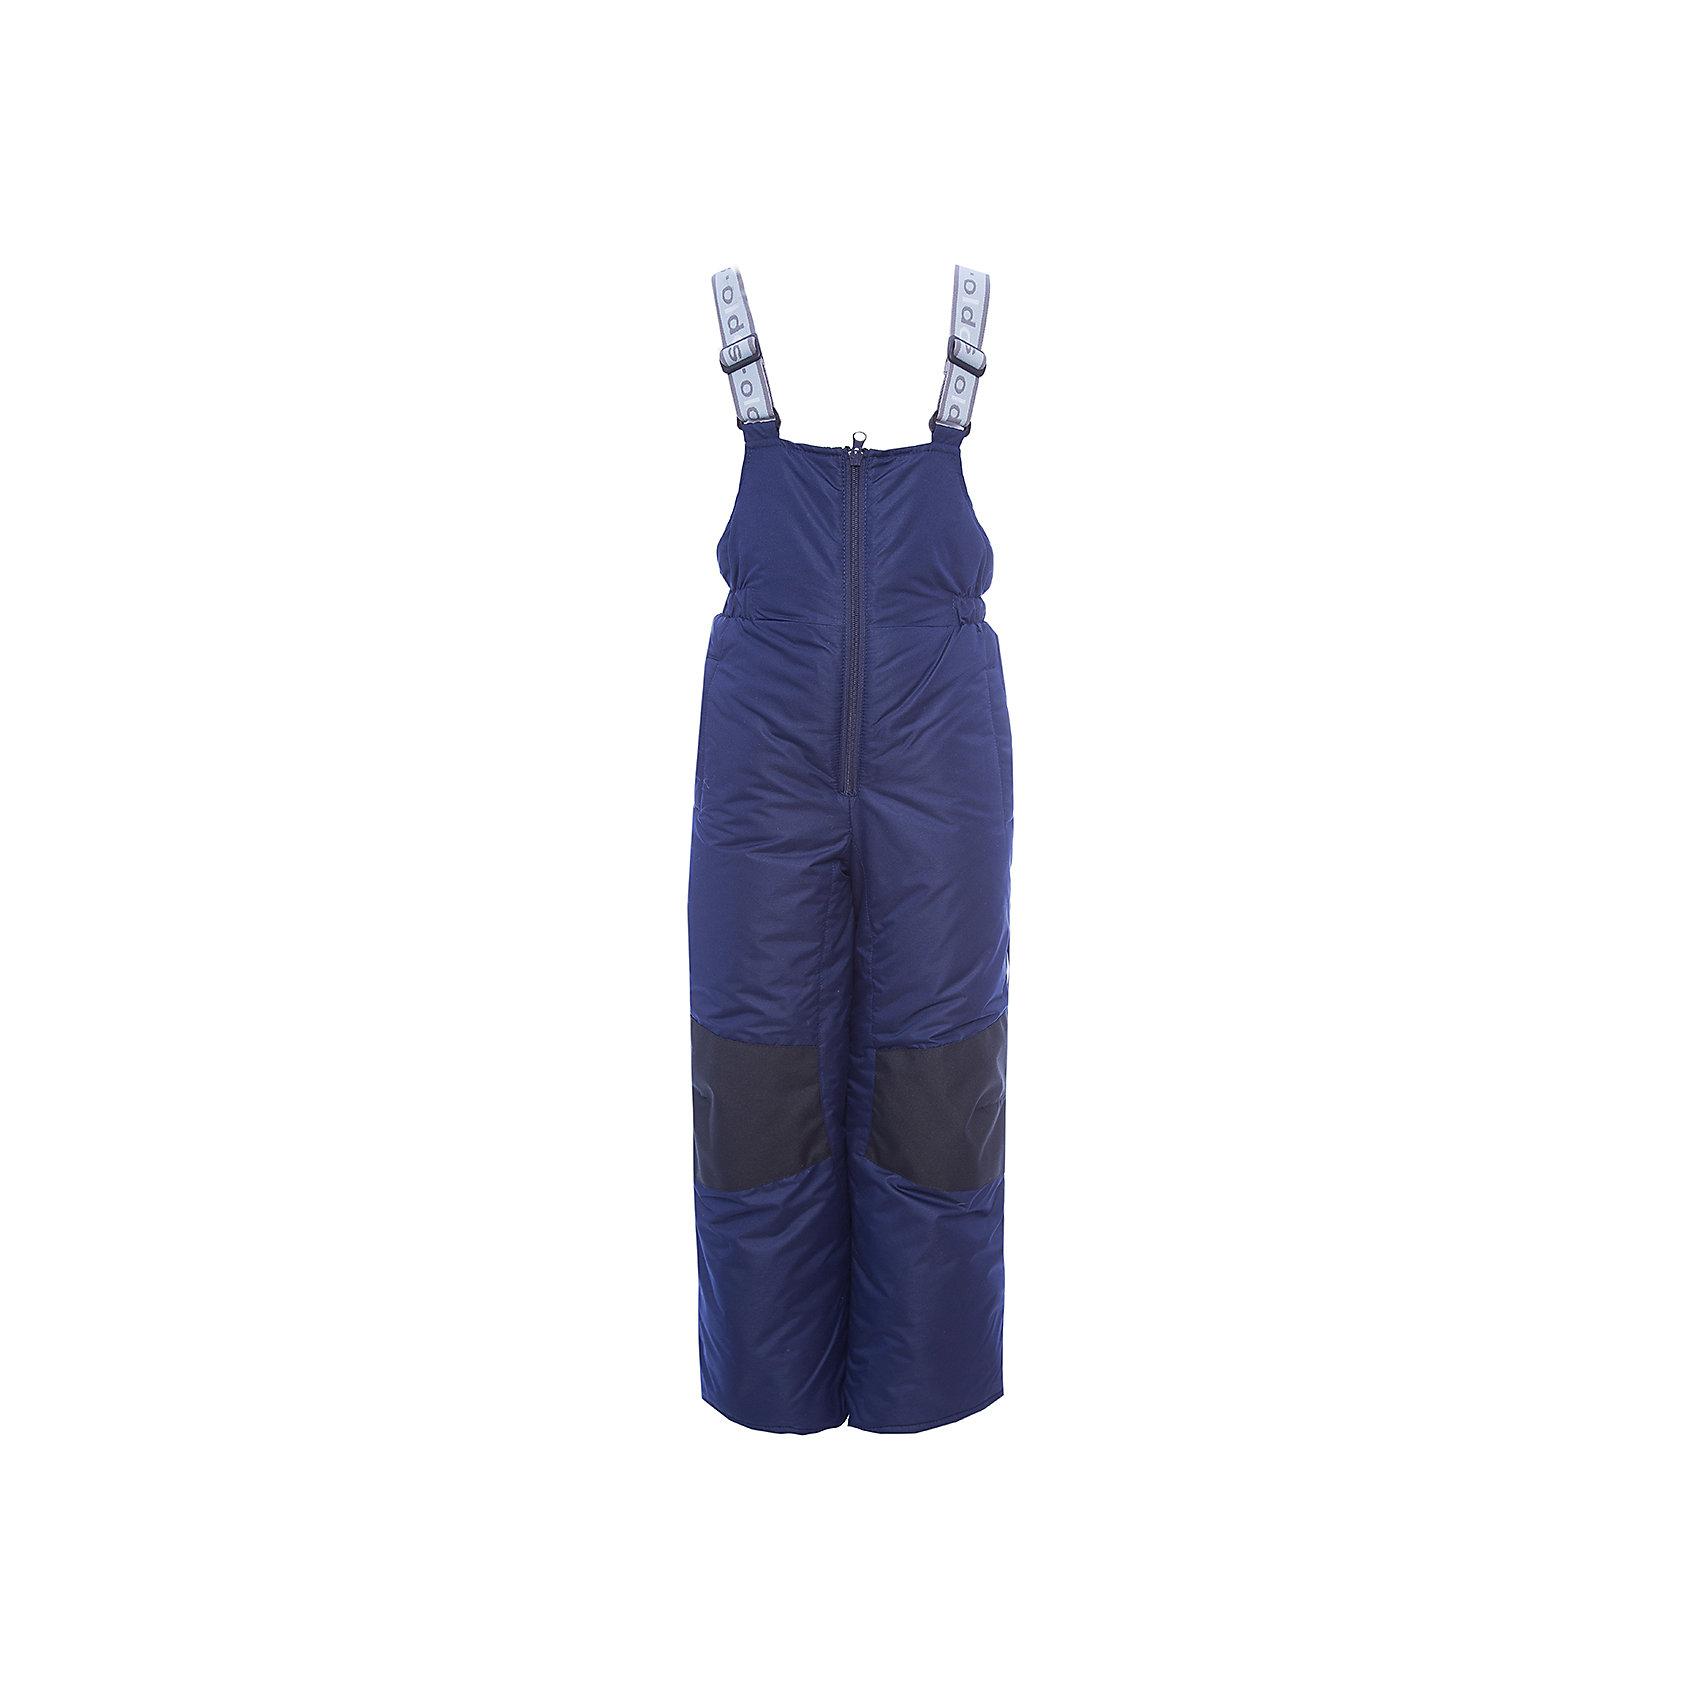 Полукомбинезон Зима OLDOS для мальчикаВерхняя одежда<br>Характеристики товара:<br><br>• цвет: синий<br>• состав ткани: 100% полиэстер, пропитка PU, Teflon<br>• подкладка: полиэстер<br>• утеплитель: Hollofan 200 г/м2<br>• сезон: зима<br>• температурный режим: от -35 до 0<br>• застежка: молния<br>• усиление брючин износостойкой тканью<br>• страна бренда: Россия<br>• страна изготовитель: Россия<br><br>Полукомбинезон для ребенка усилен износостойкими накладками. Верх этого детского полукомбинезона - с пропиткой от грязи и влаги. Теплый детский полукомбинезон снабжен застежкой молнией и удобными регулируемыми лямками. Гладкая подкладка детского полукомбинезона позволяет легко его надевать и снимать. <br><br>Полукомбинезон Зима Oldos (Олдос) для мальчика можно купить в нашем интернет-магазине.<br><br>Ширина мм: 215<br>Глубина мм: 88<br>Высота мм: 191<br>Вес г: 336<br>Цвет: синий<br>Возраст от месяцев: 84<br>Возраст до месяцев: 96<br>Пол: Мужской<br>Возраст: Детский<br>Размер: 128,134,92,98,104,110,116,122<br>SKU: 7016658